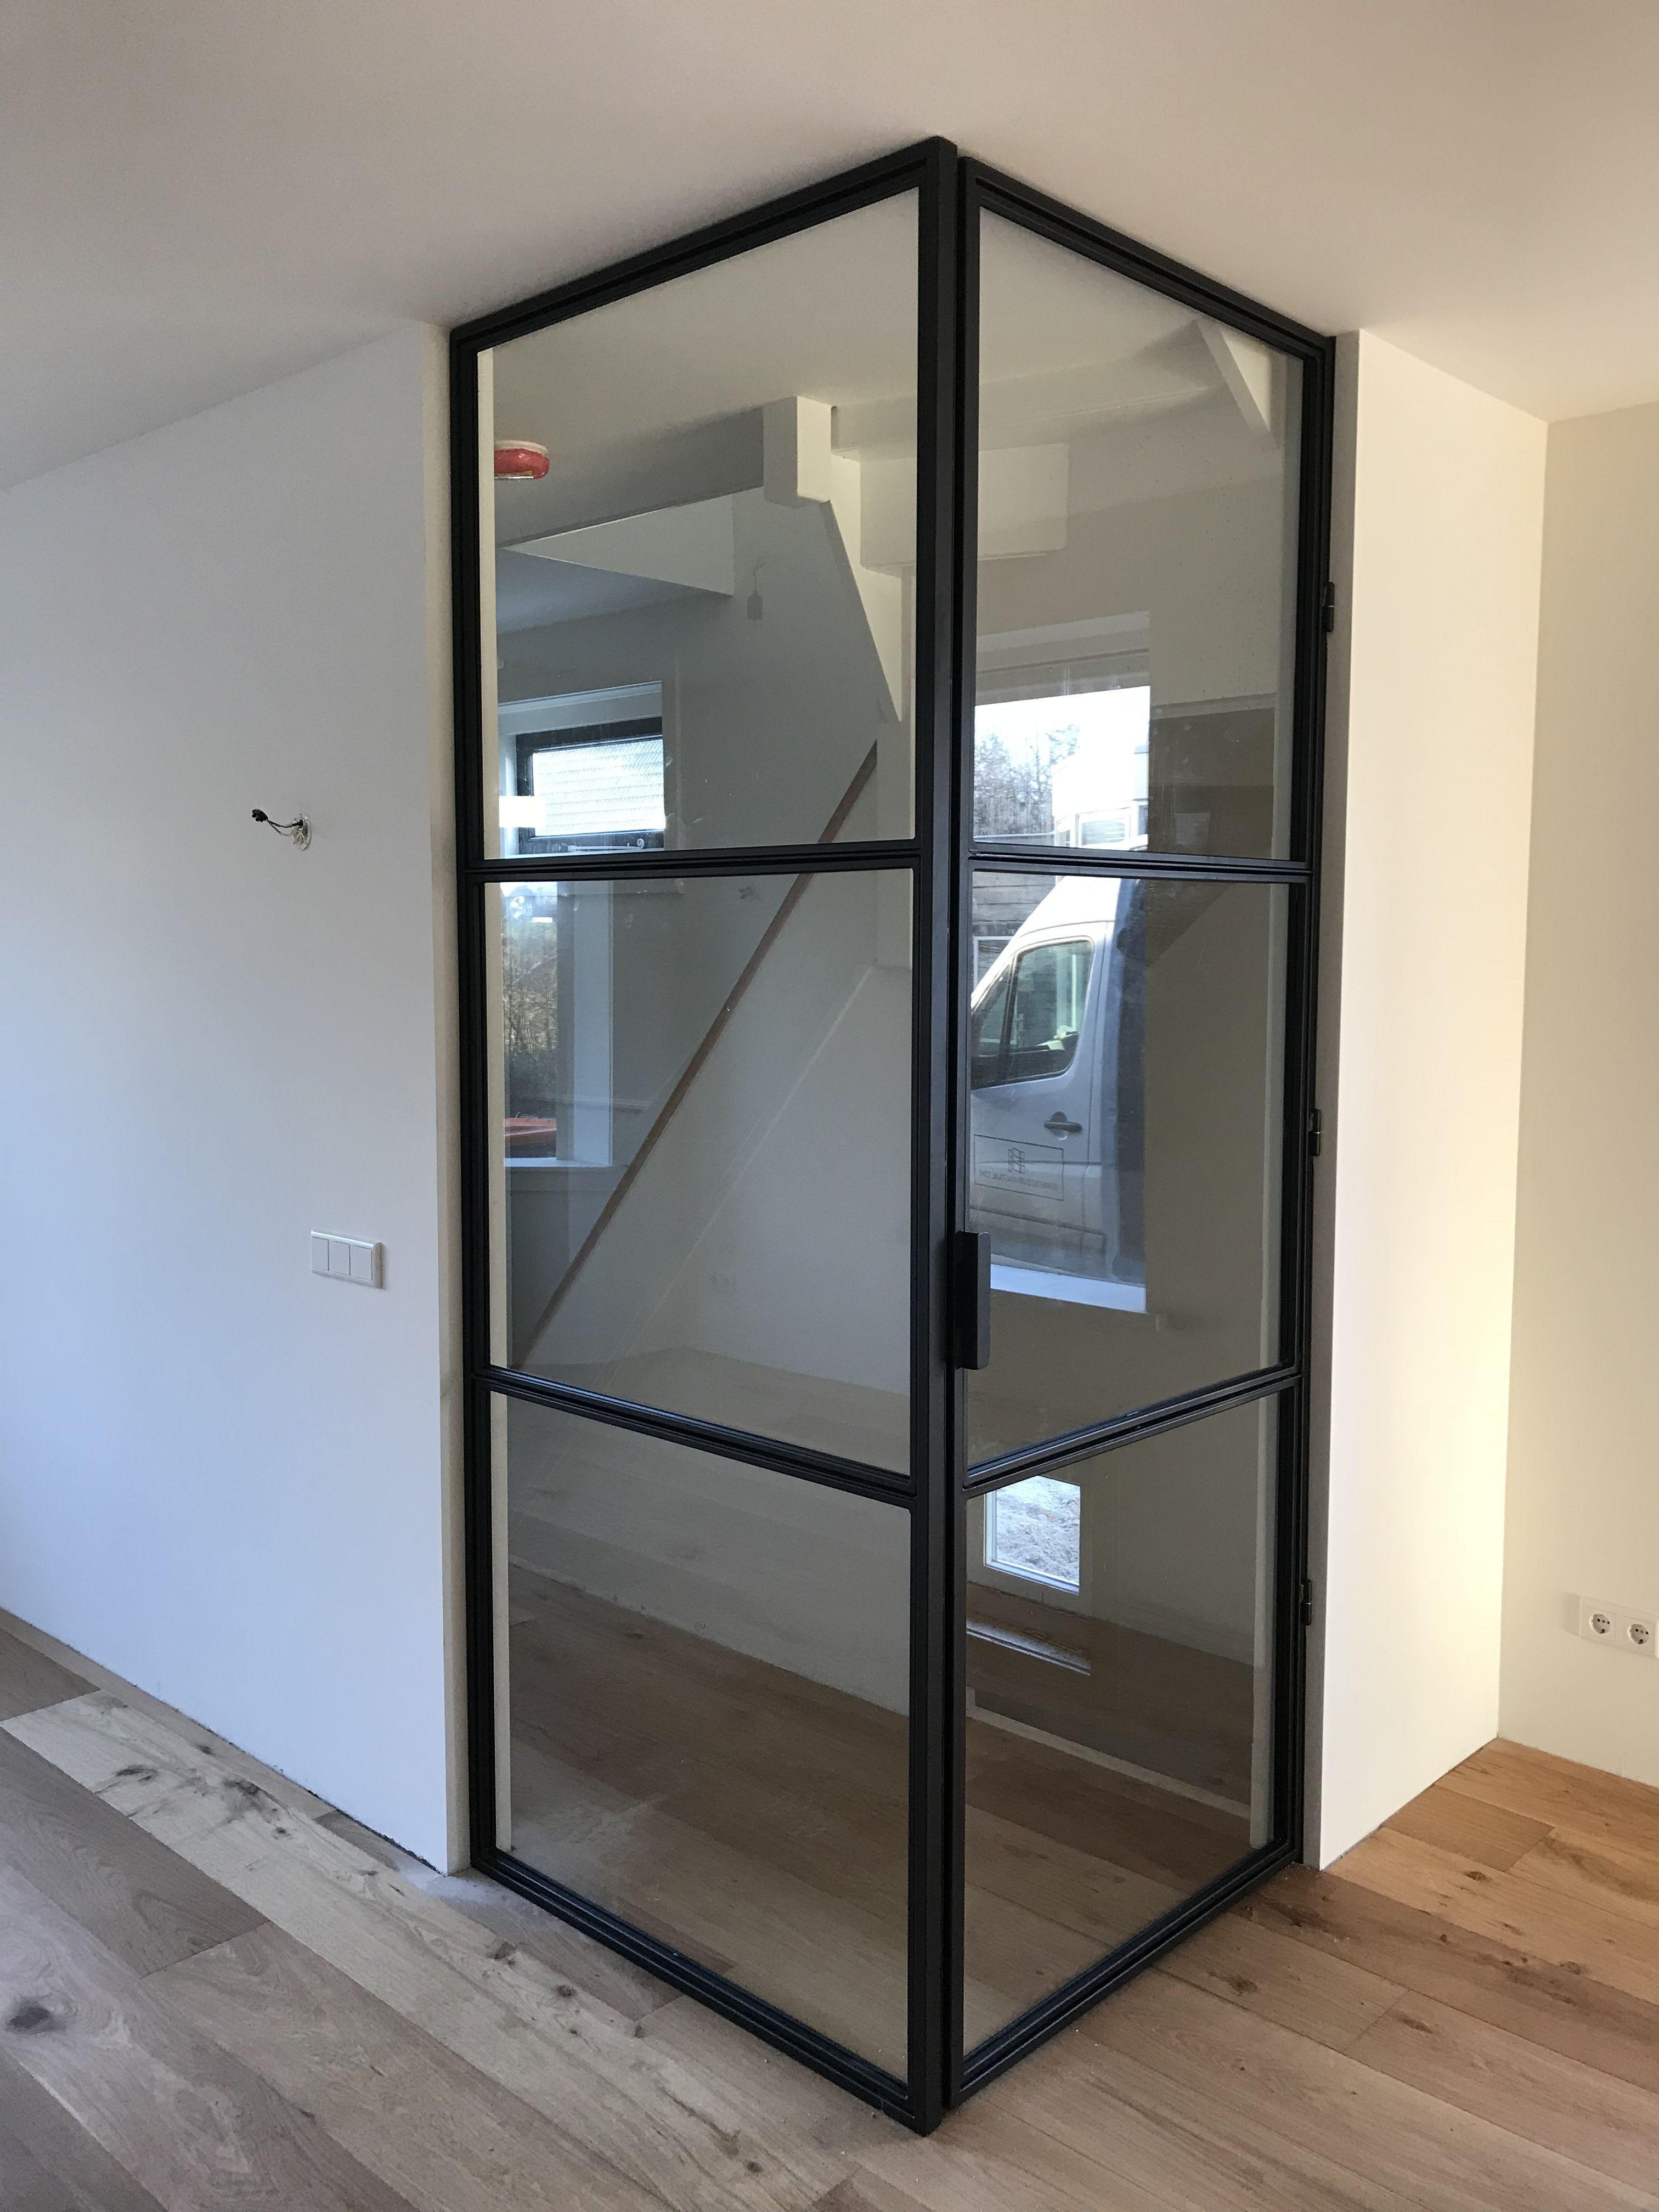 Www.binnendeurvan …- Www.binnendeurvan … Steel door with …